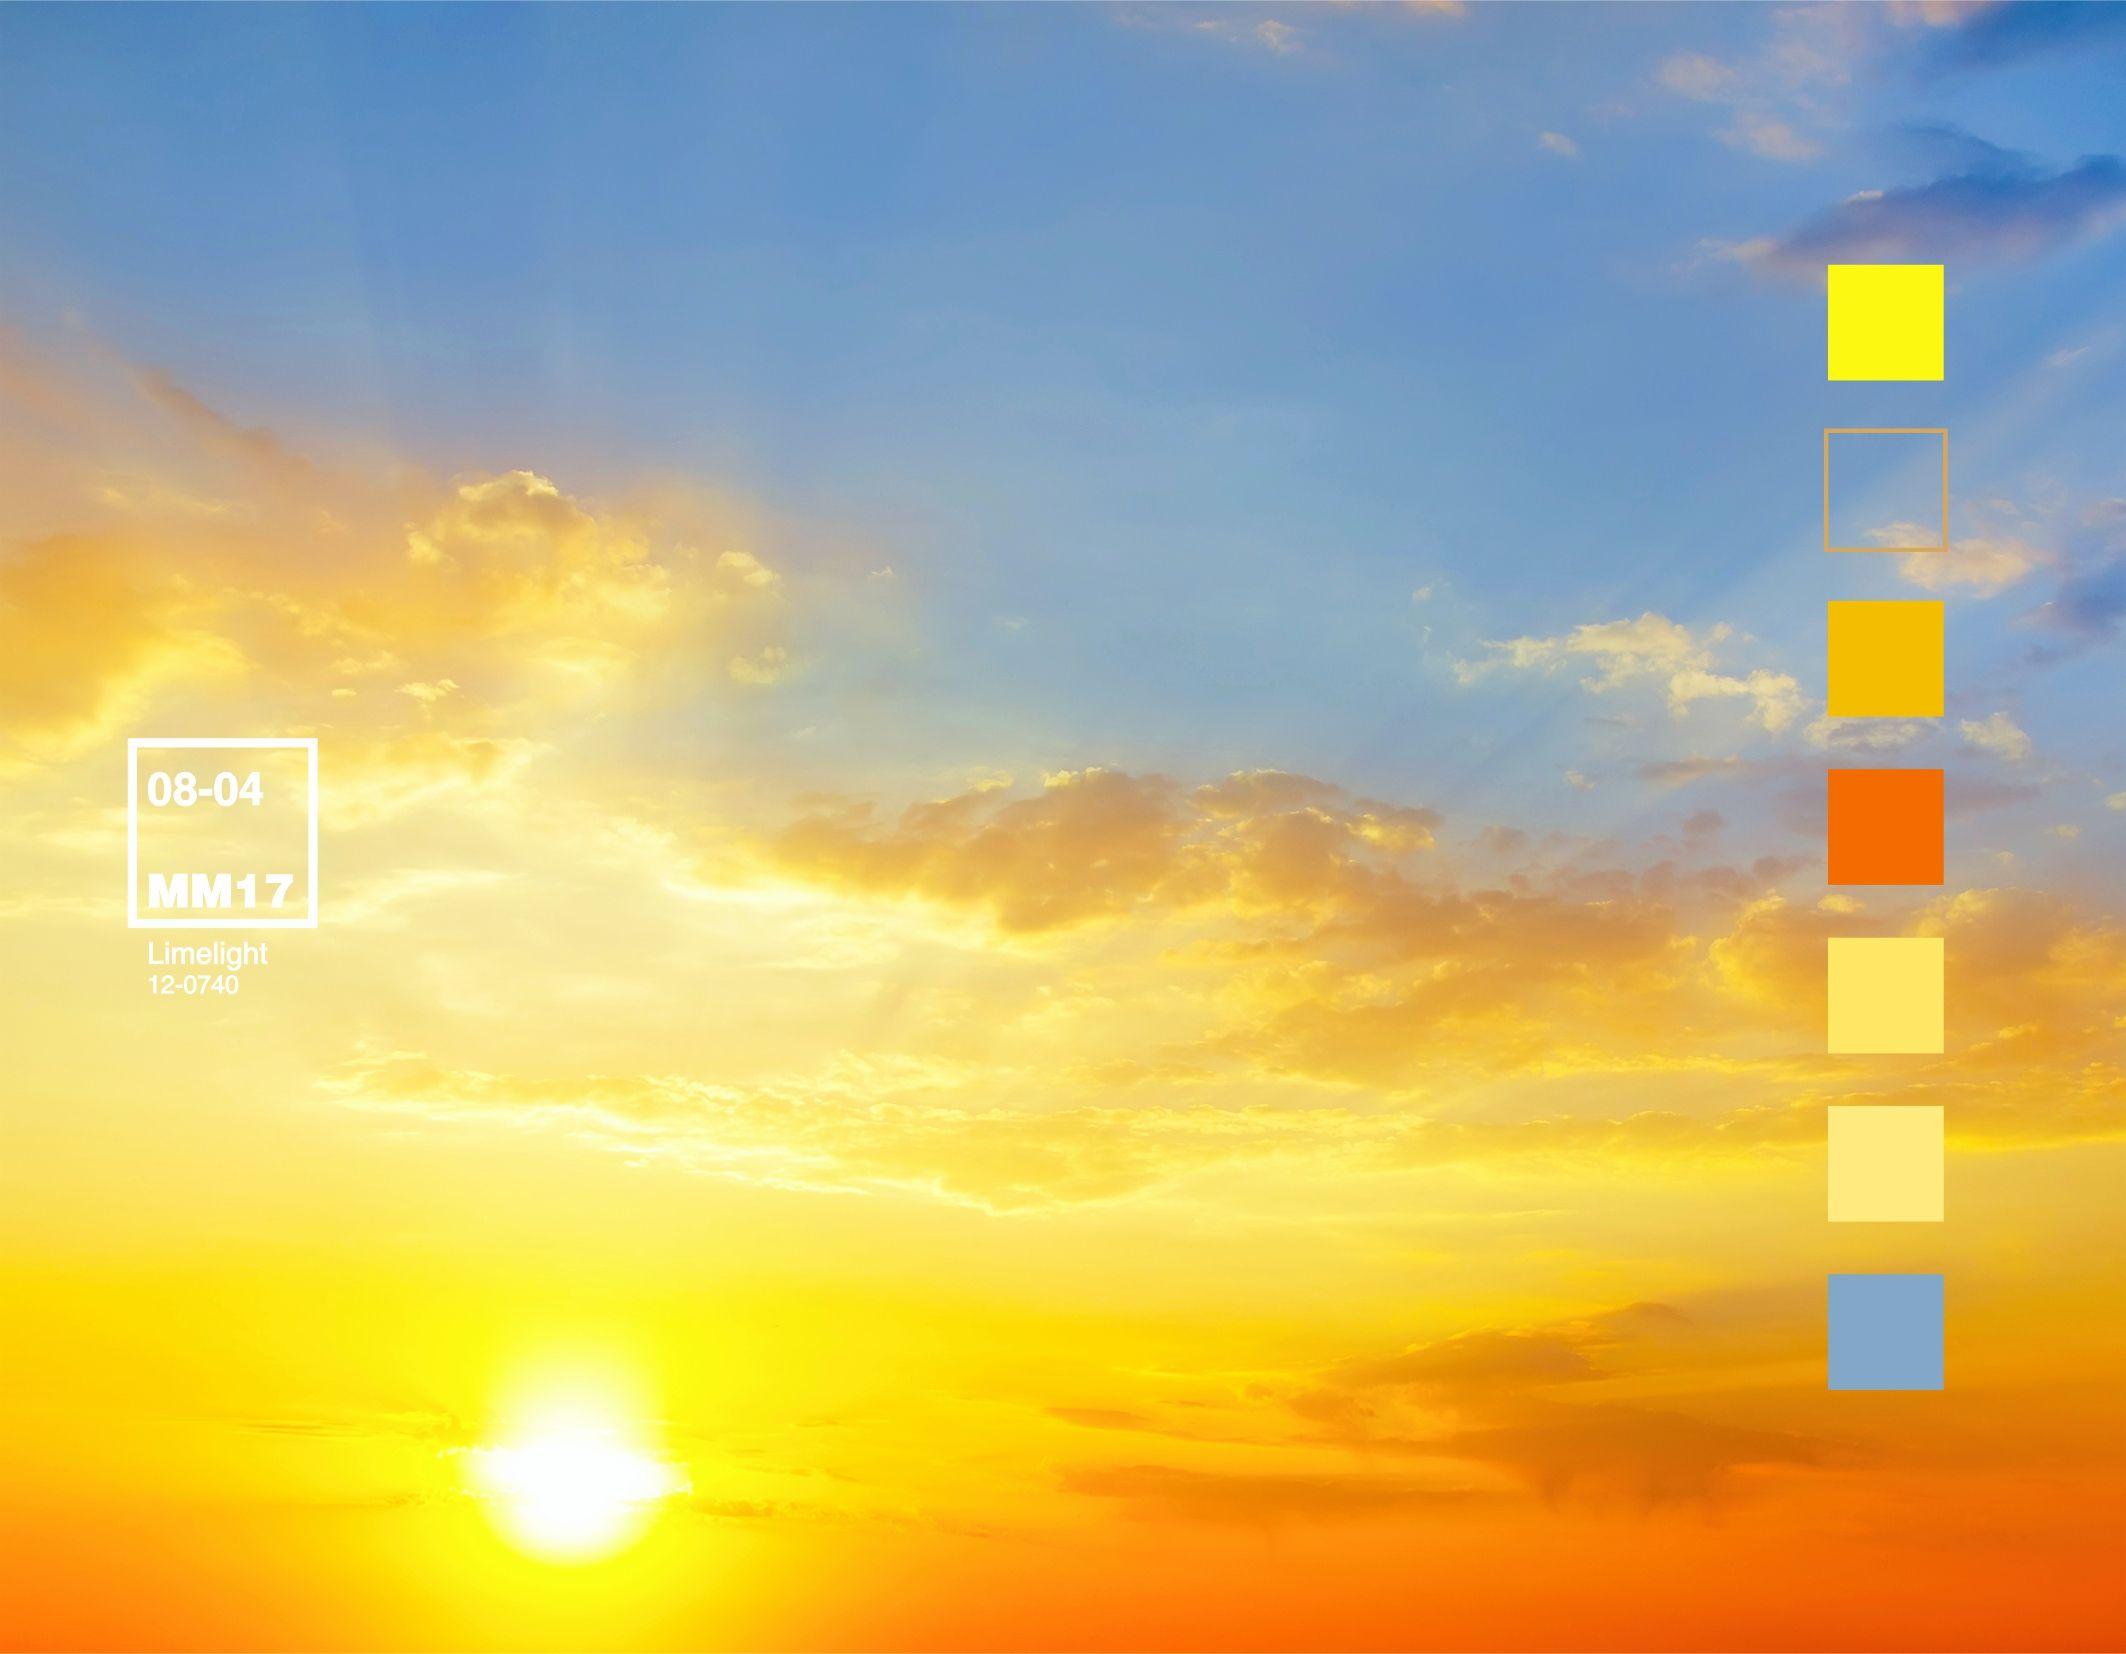 #MM17 #Día98  El amor es el calor de la luz del ser. Por eso el amor lo abarca todo...